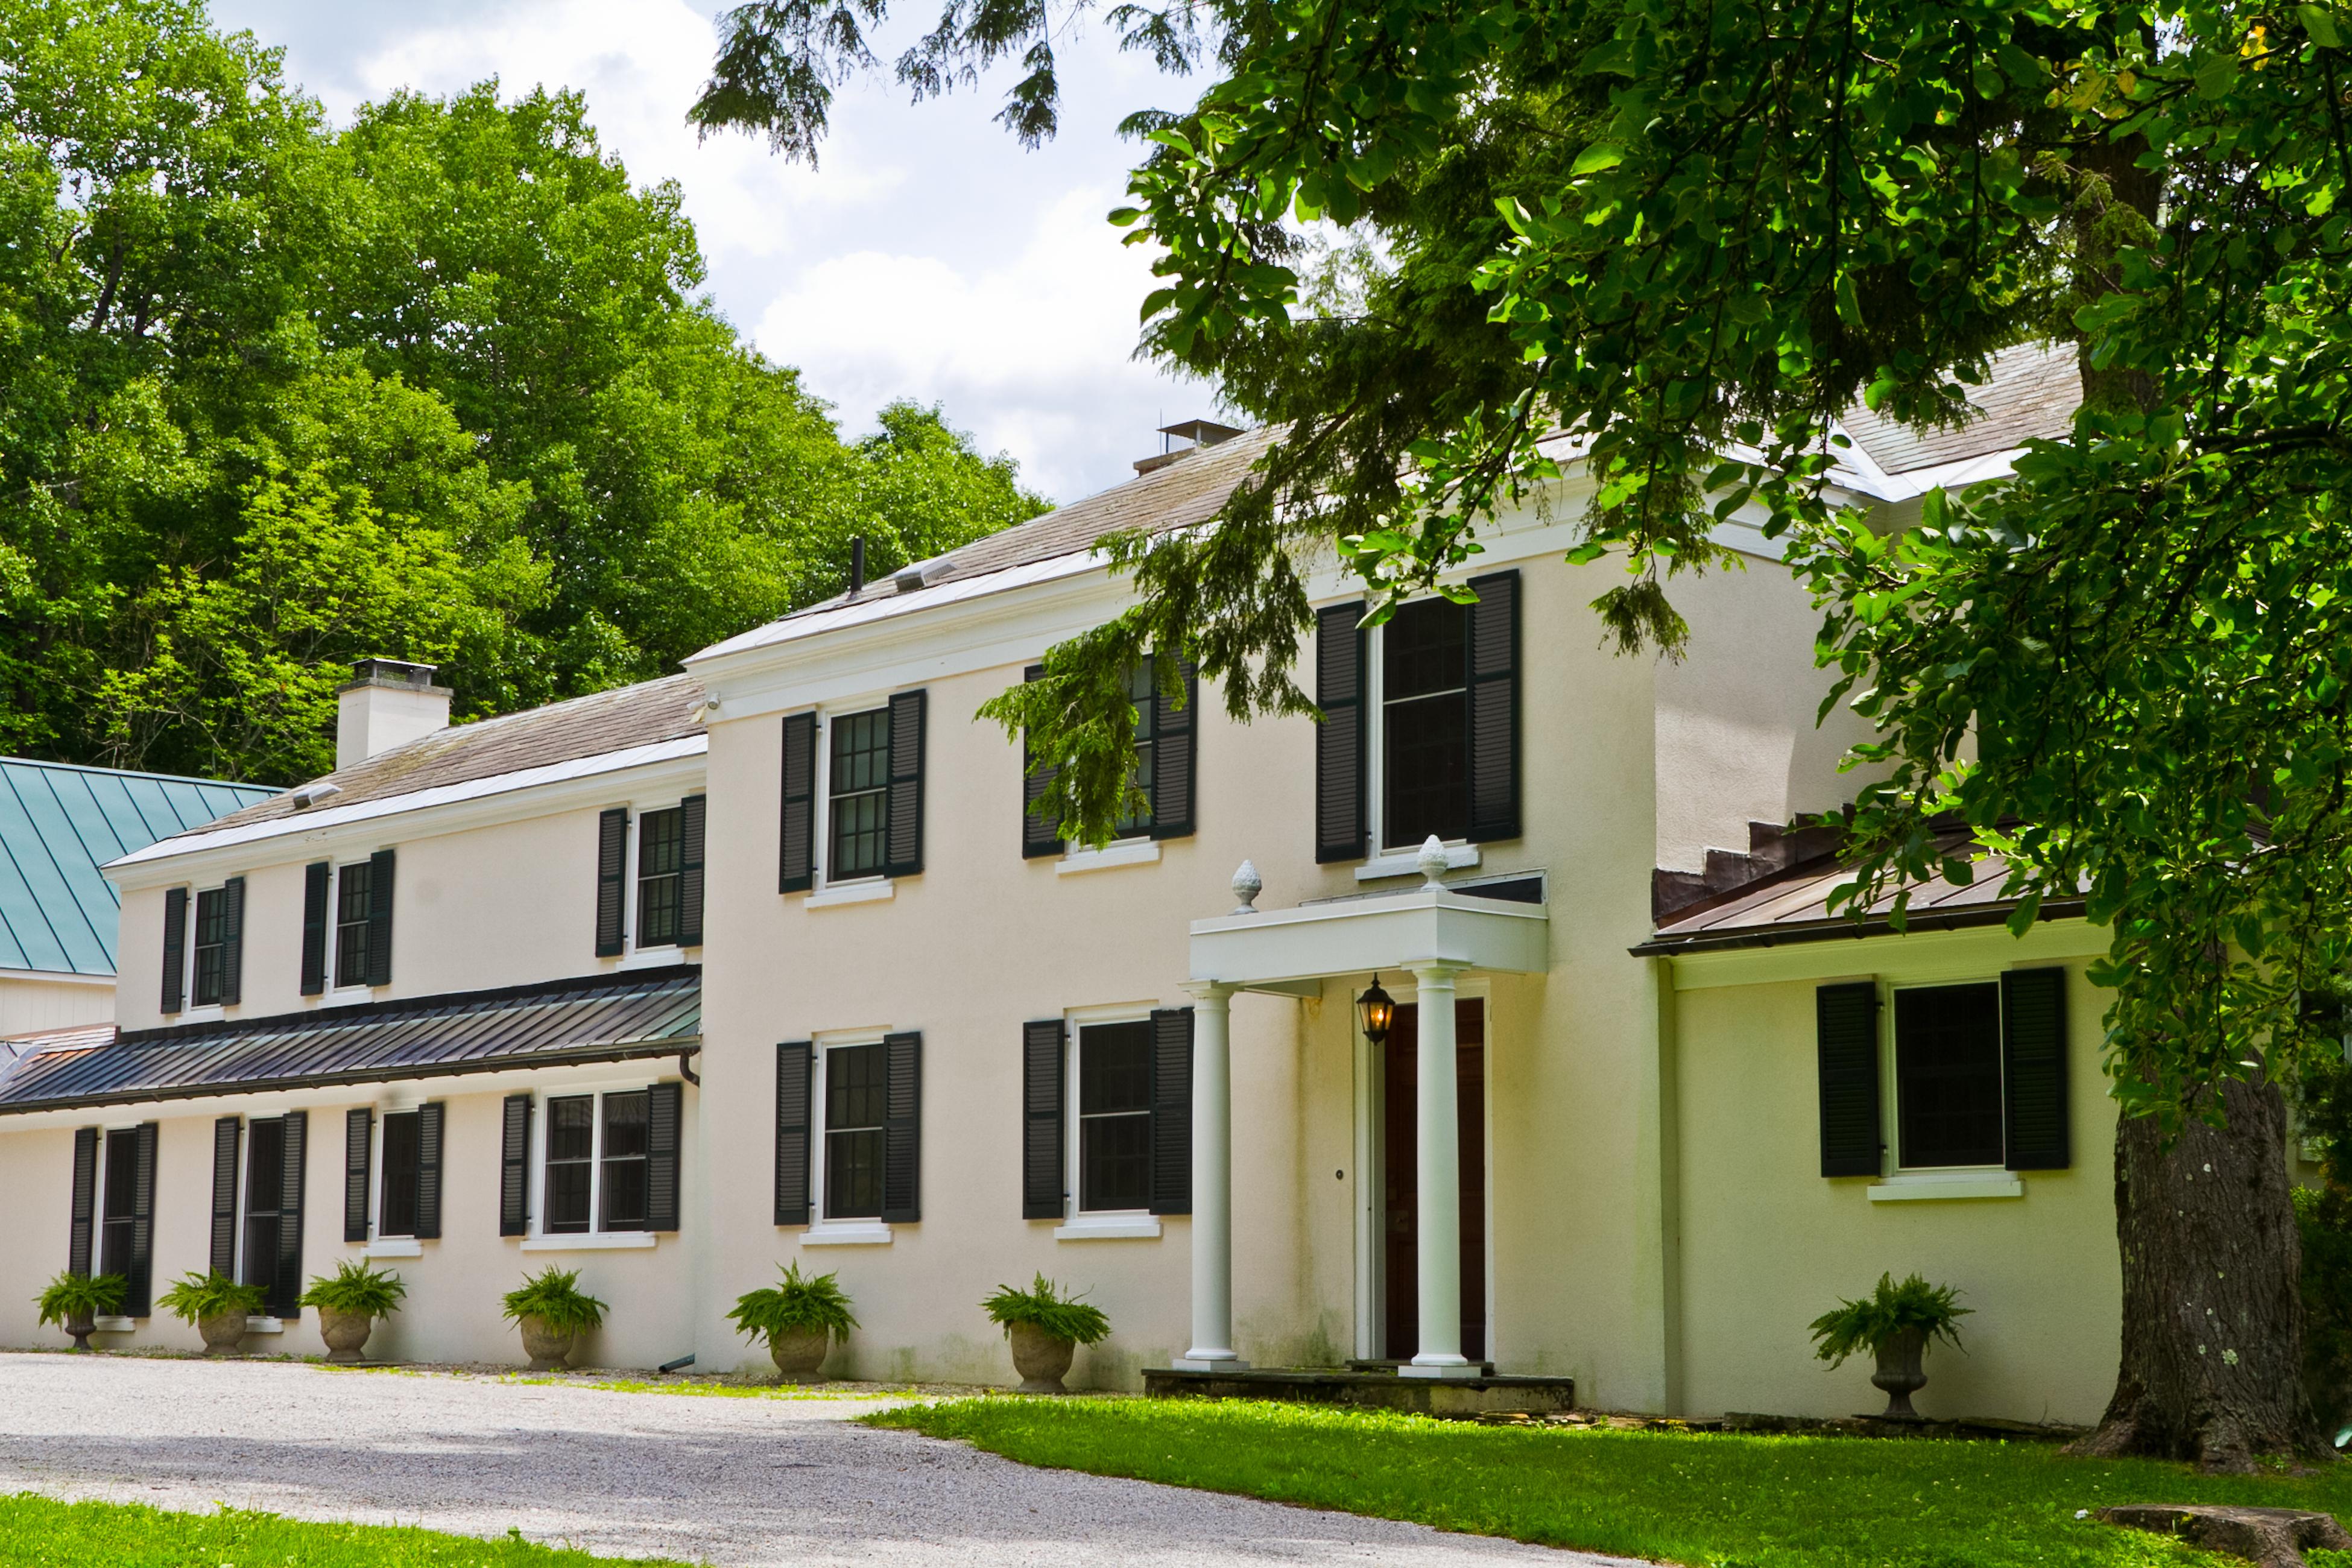 Einfamilienhaus für Verkauf beim Beautifully Updated 1920s Estate Home on 29 Acres, with Continental Panache 190 Torrey Woods Rd. Williamstown, Massachusetts 01267 Vereinigte Staaten